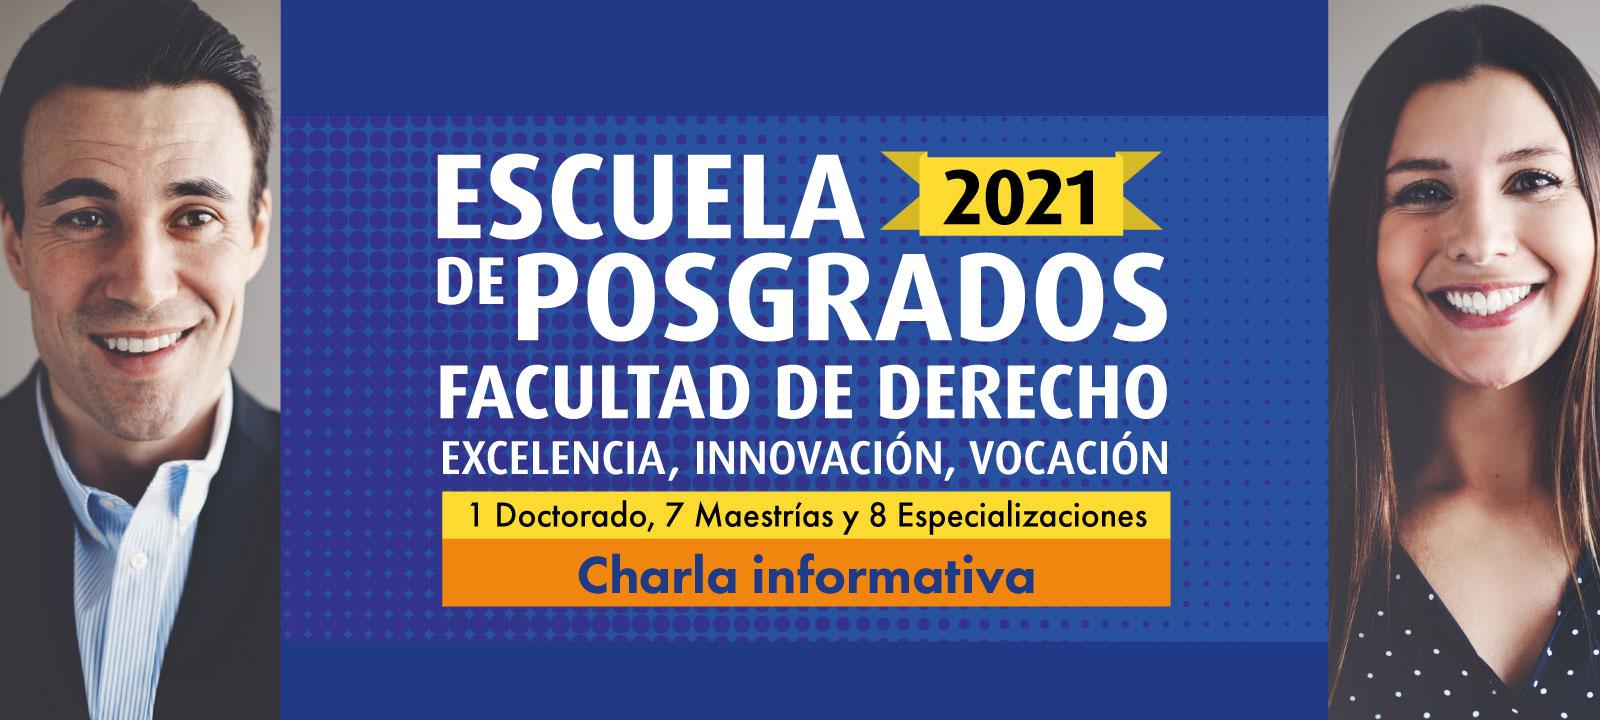 Charla informativa virtual de la Escuela de Posgrados de Derecho 2021